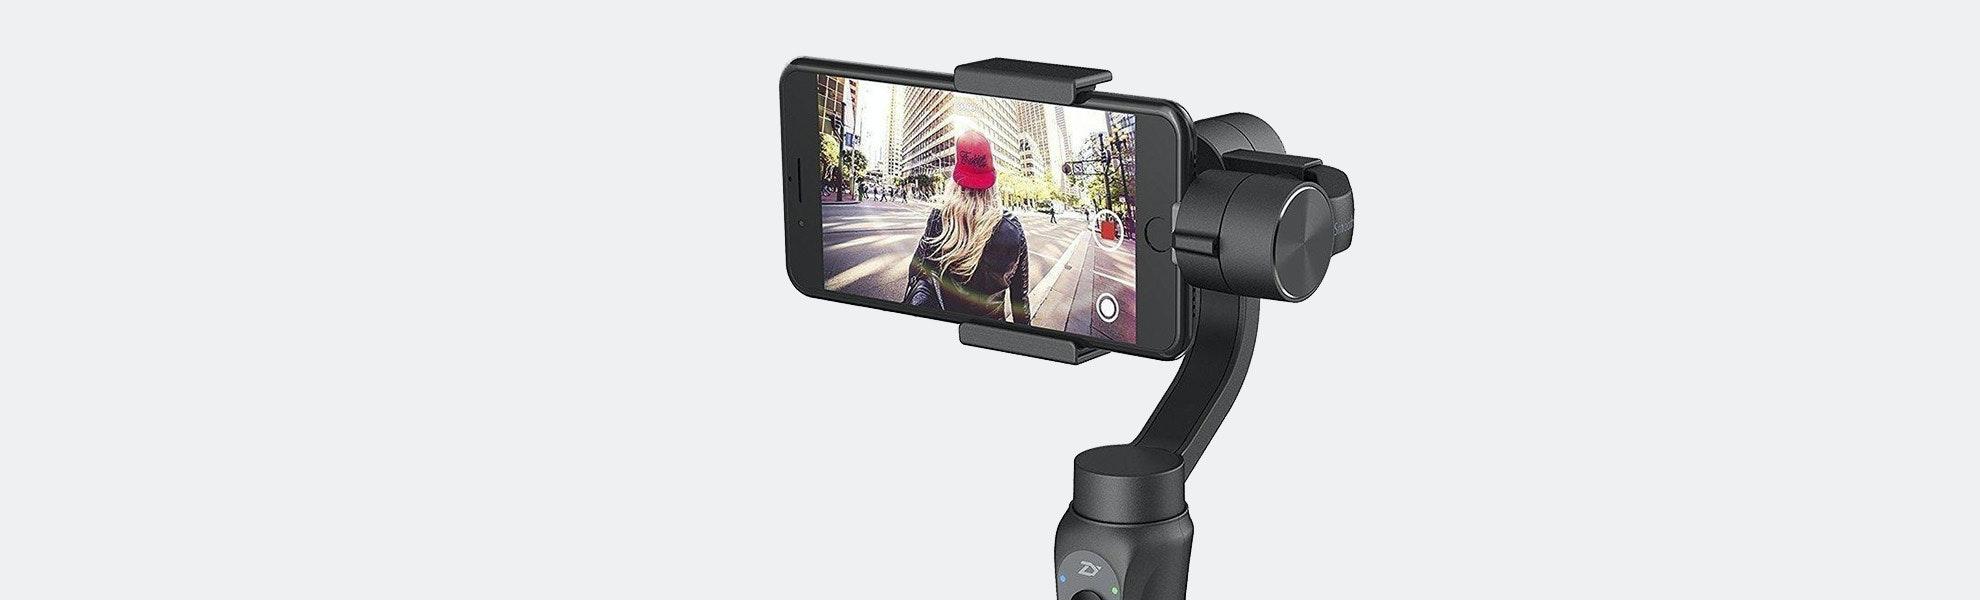 Zhiyun Smooth-Q 3-Axis Gimbal for Smartphones